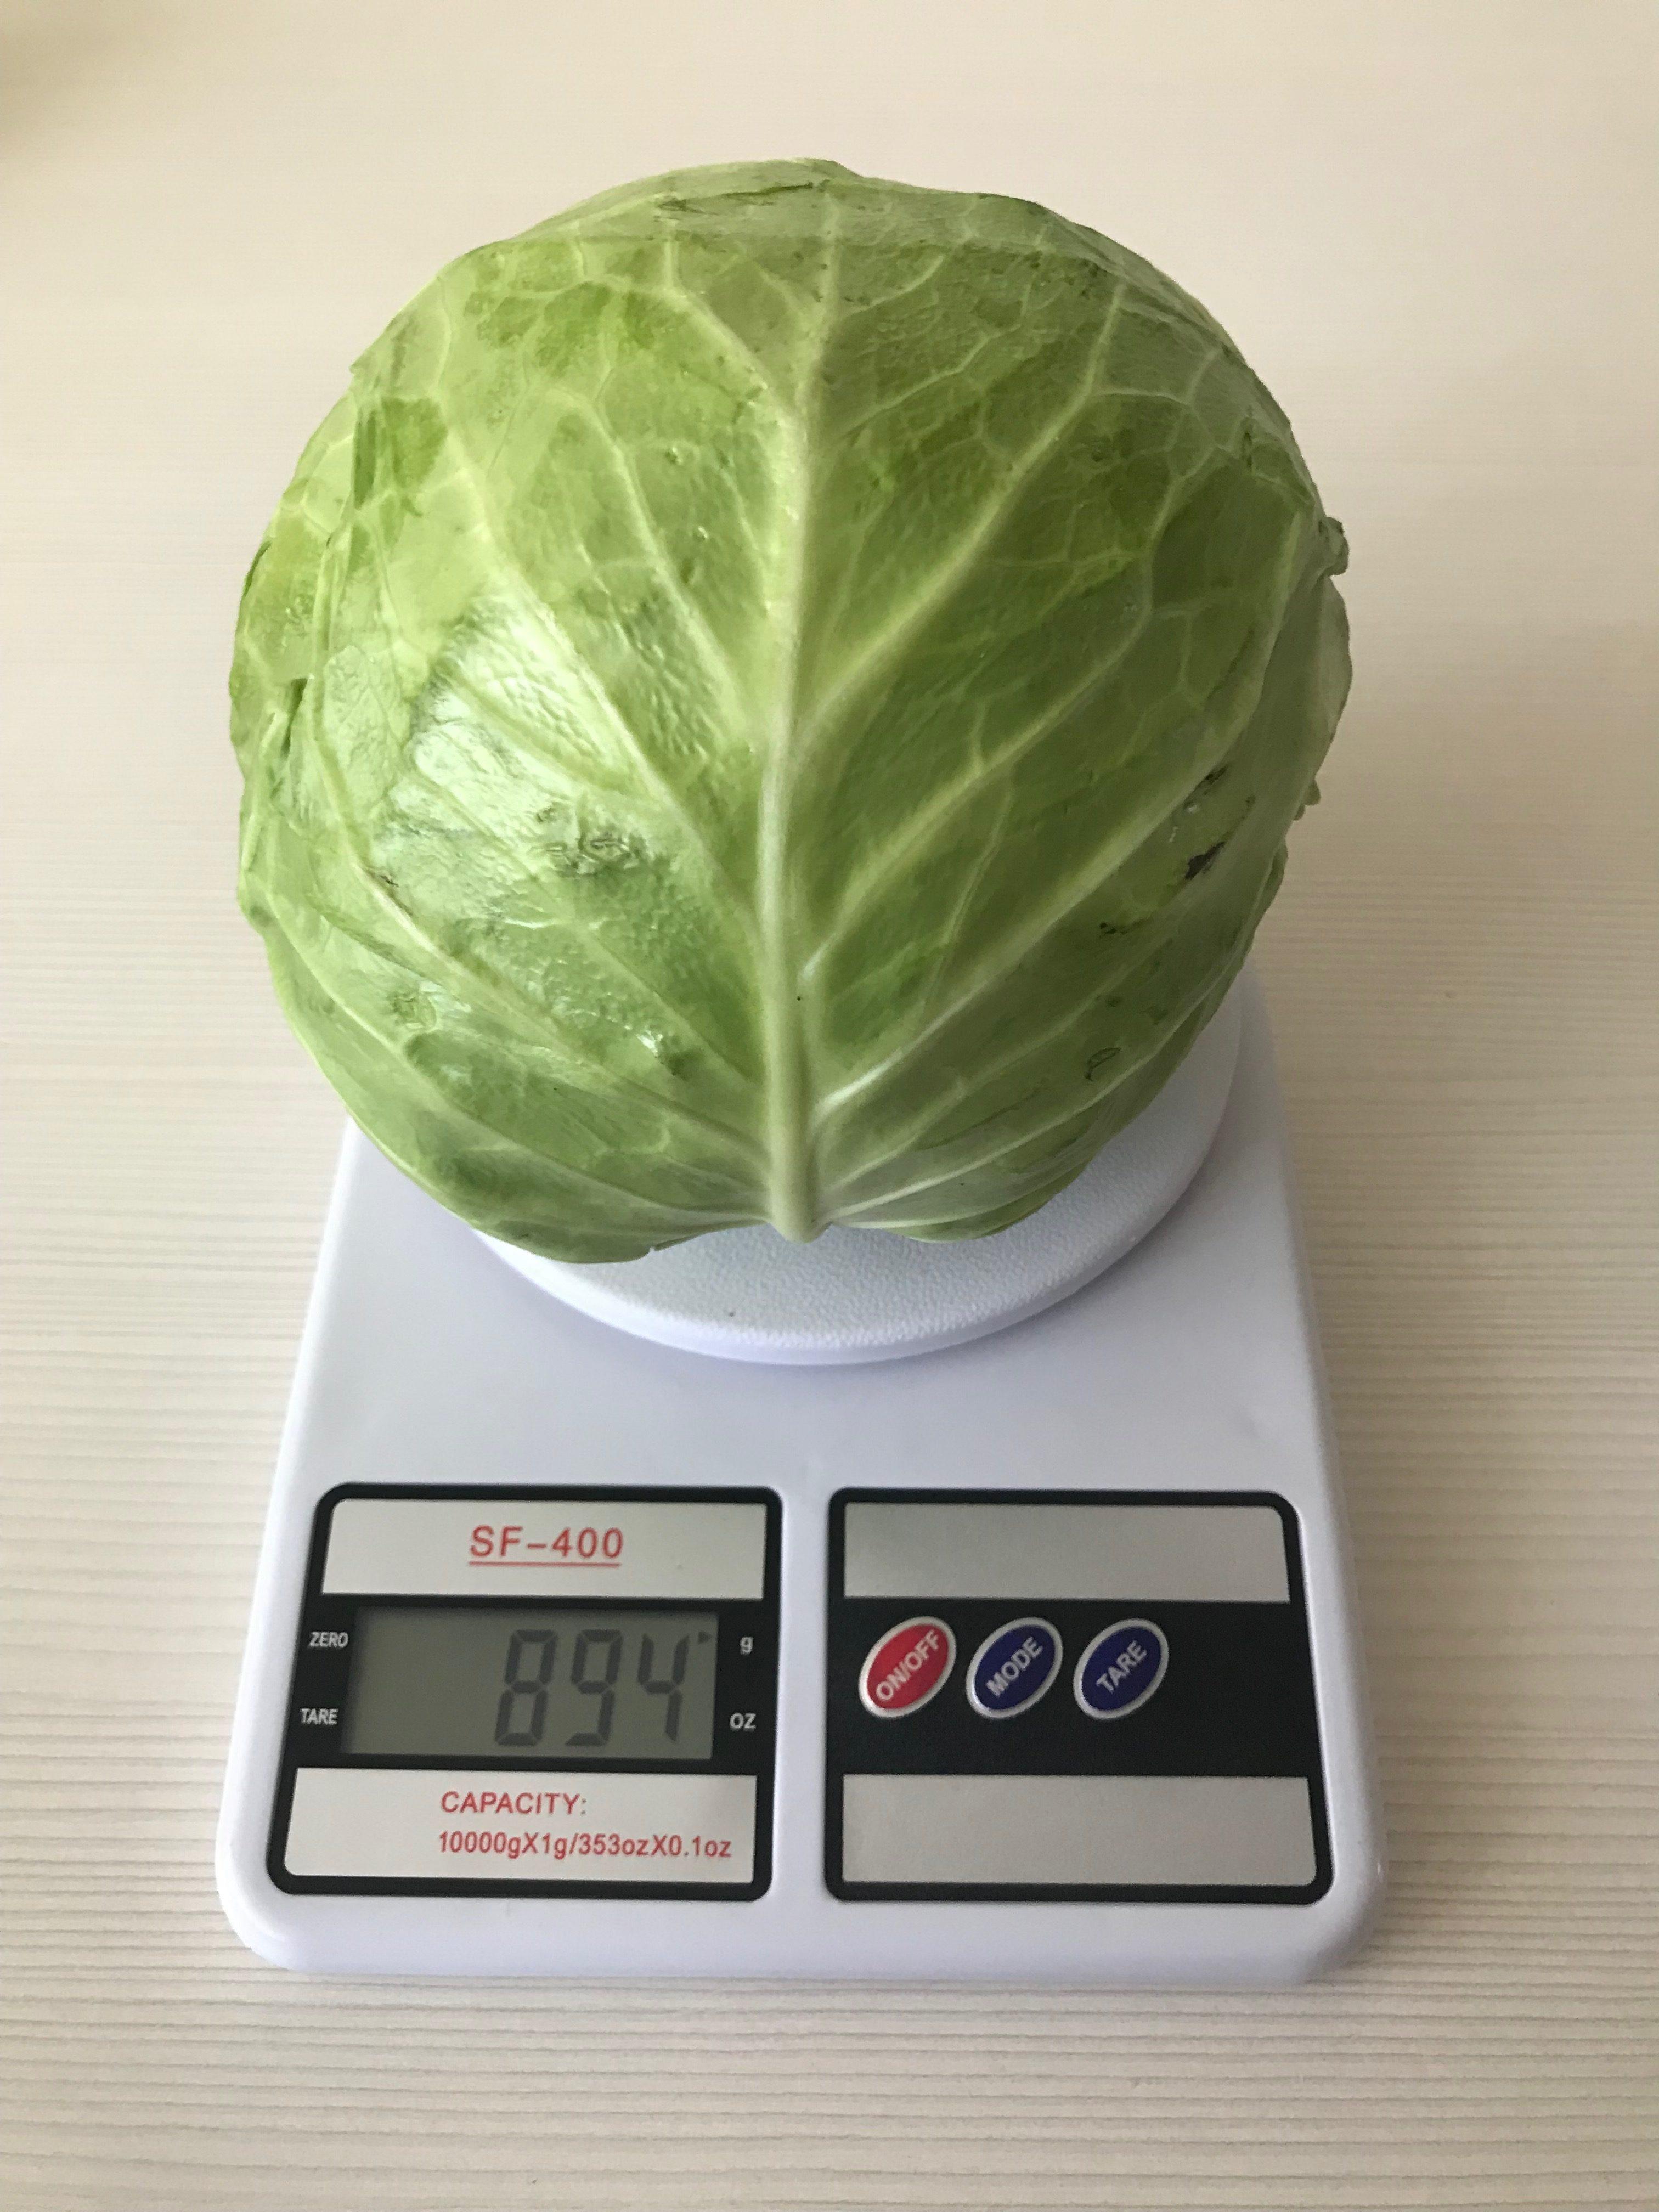 вес качана капусты (средний)